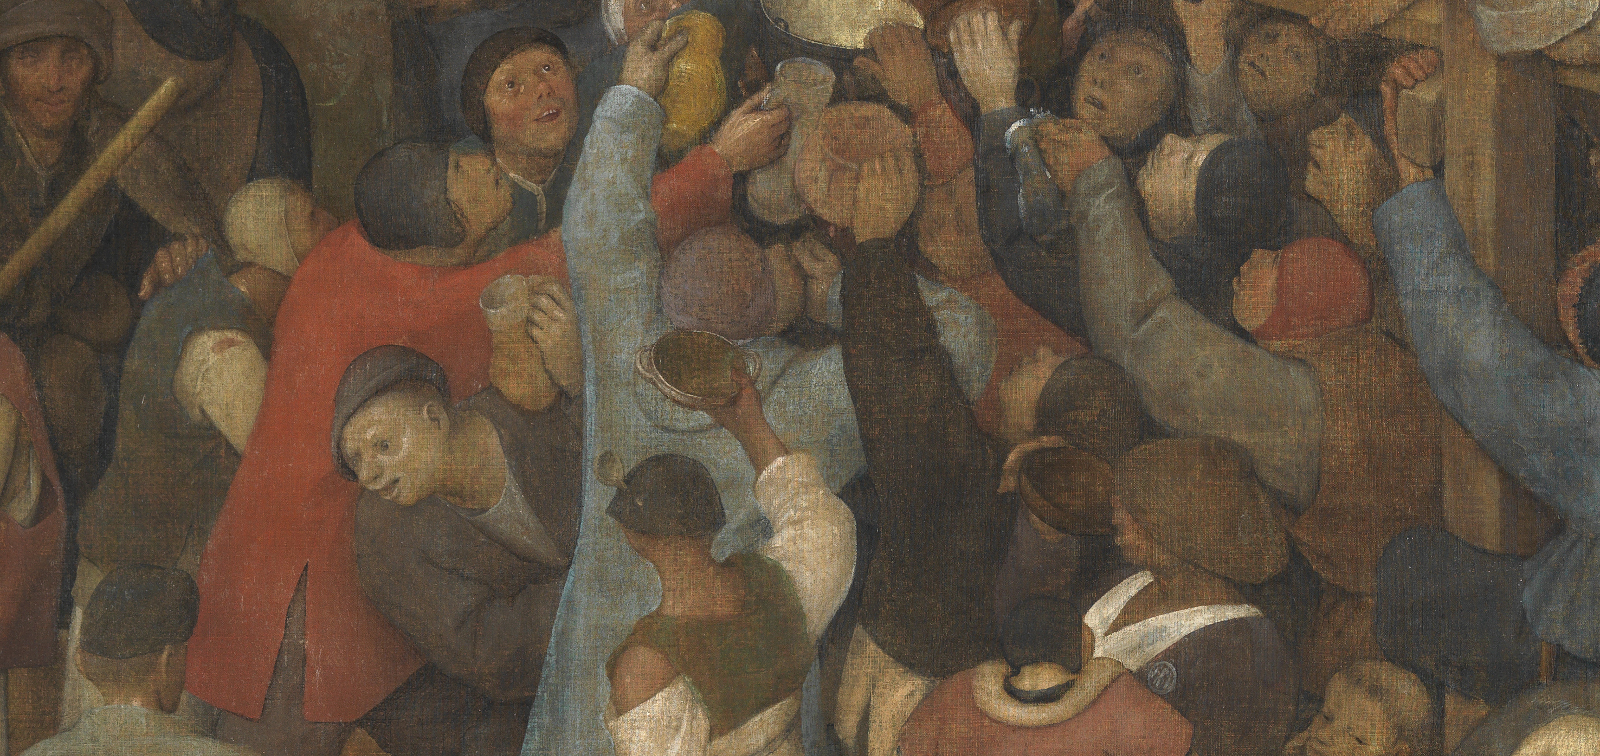 Exposición didáctica: El vino de la fiesta de San Martín, de Pieter Bruegel el Viejo